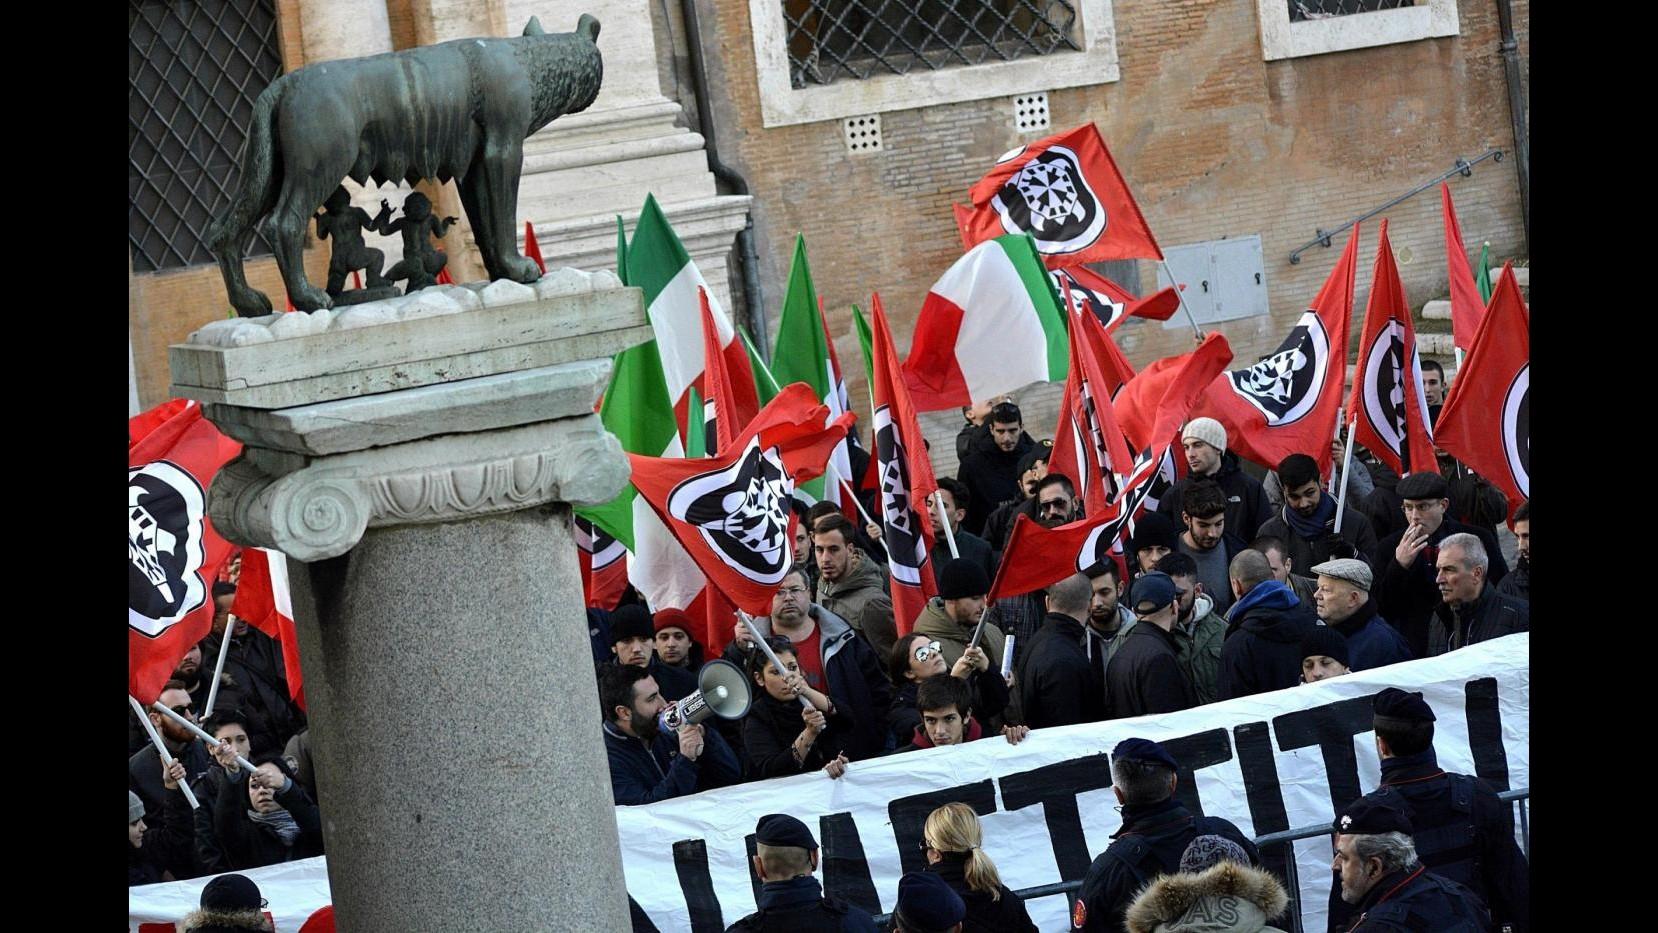 Roma, scontri a casale San Nicola per i migranti: arresti nelle fila di Casapound